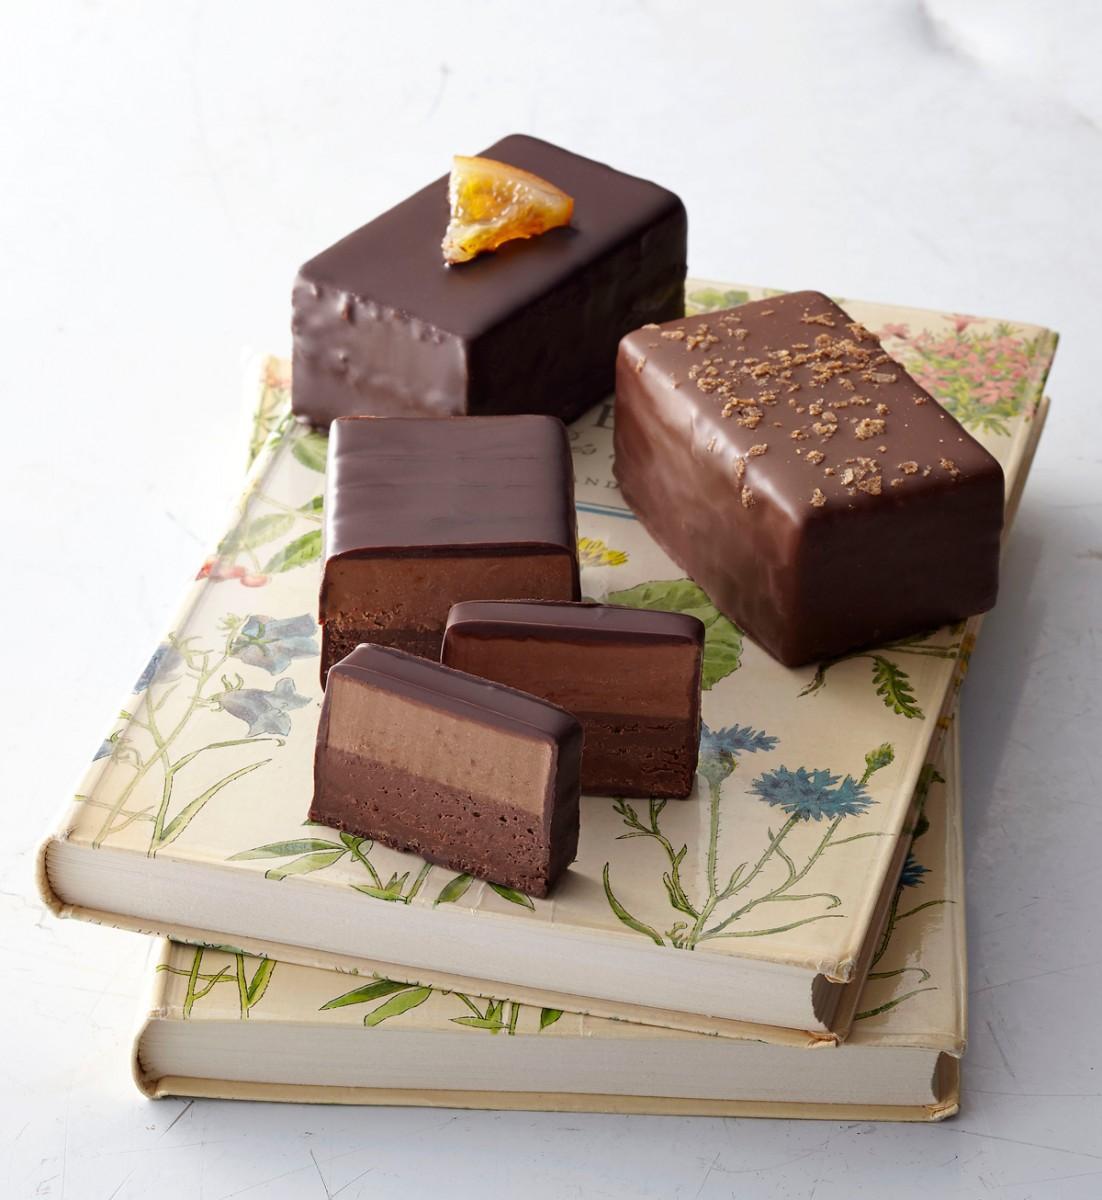 フランス、女性ショコラティエによる「ショコラティエール・ドゥ・マルセイユ」、バレンタイン用では珍しいチョコバー、切って食べる